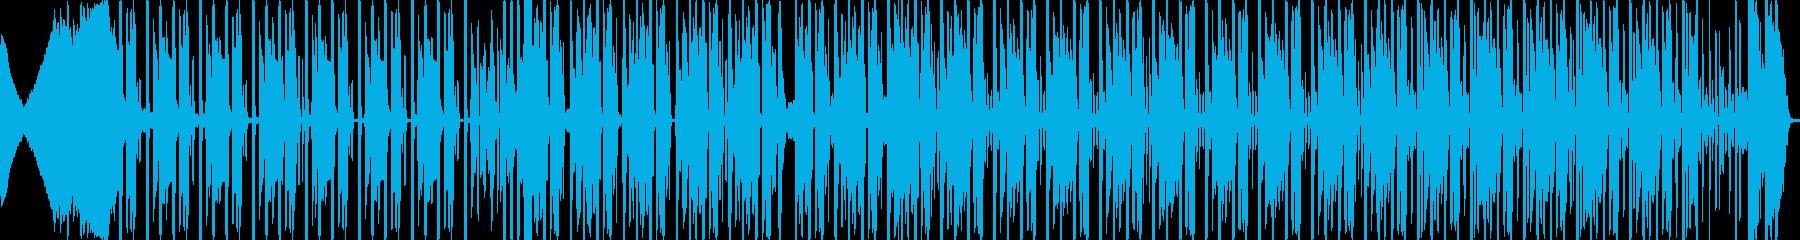 法人 技術的な お洒落 ハイテク ...の再生済みの波形